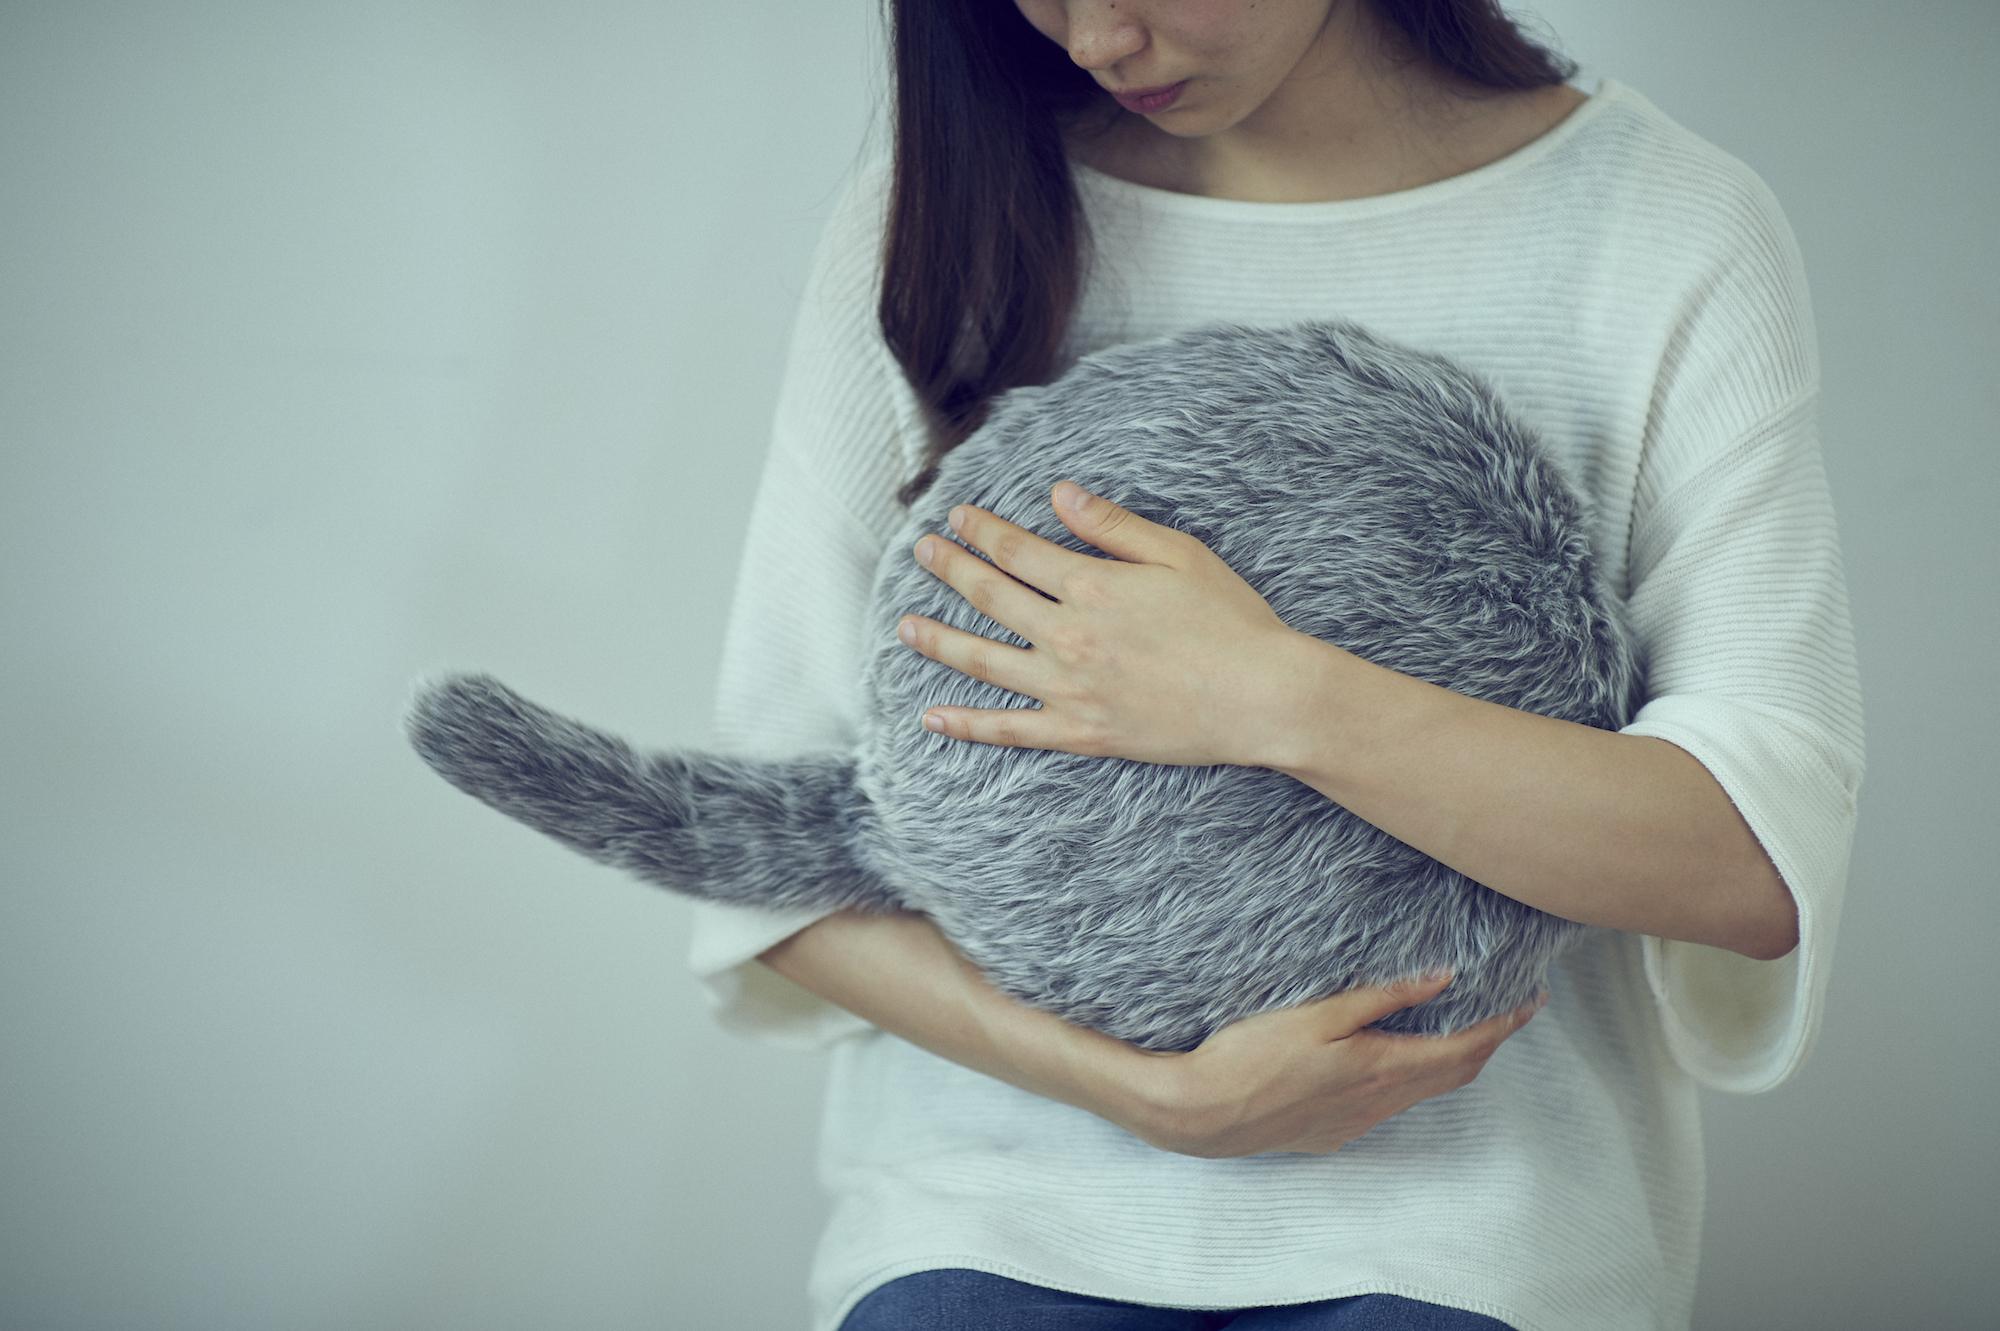 Japoneses venderán un robot terapéutico de gato… ¡pero sin cabeza!